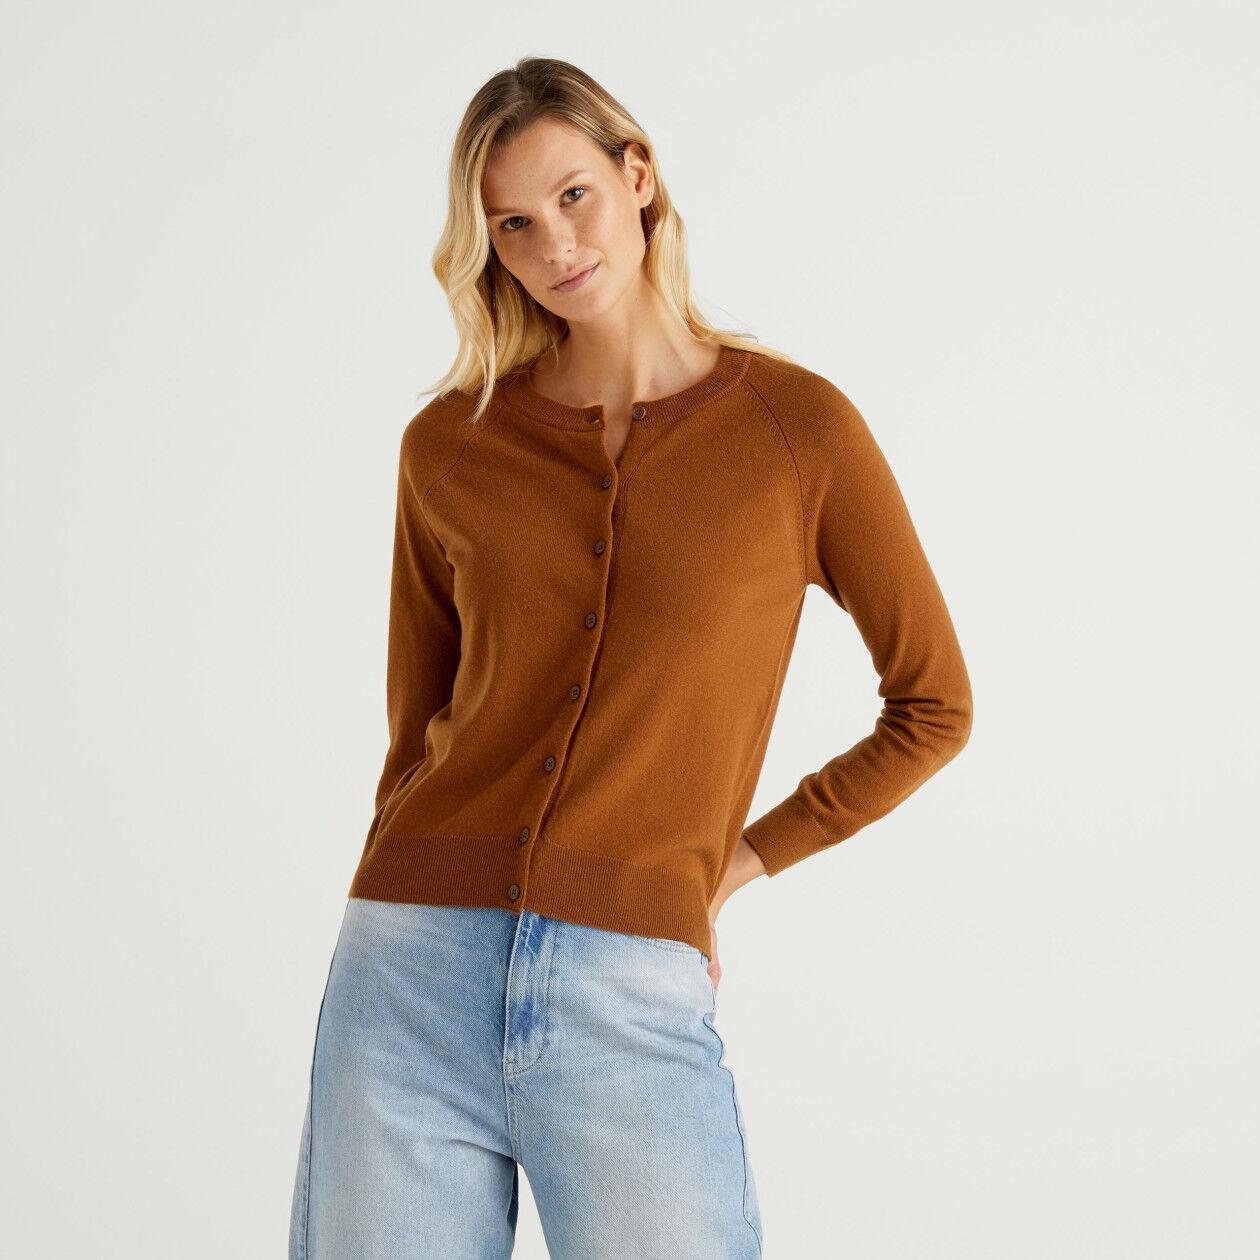 Cárdigan de cuello redondo marrón en mezcla de lana y cachemir